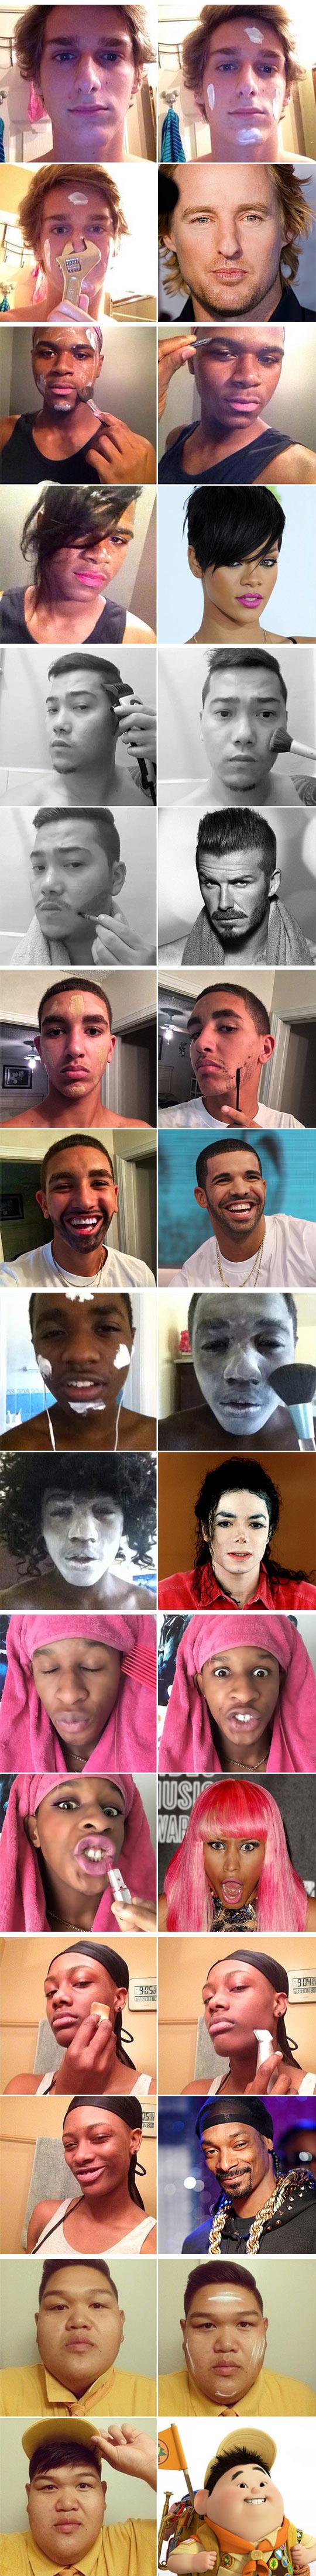 funny-men-makeup-famous-actors-Snoop-Lion